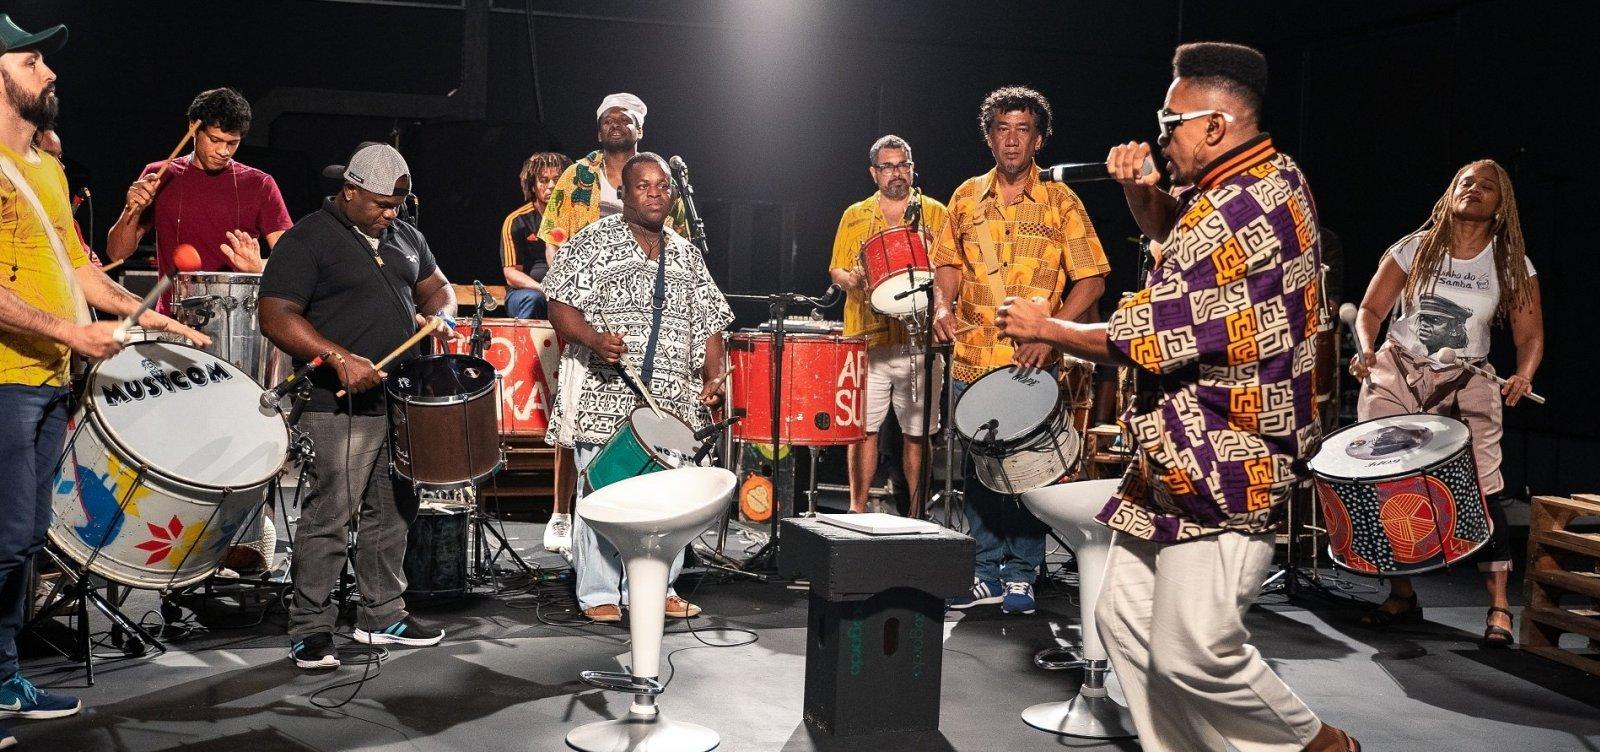 [Rádio Metrópole promove Tributo ao Samba-Reggae no dia dedicado ao ritmo]